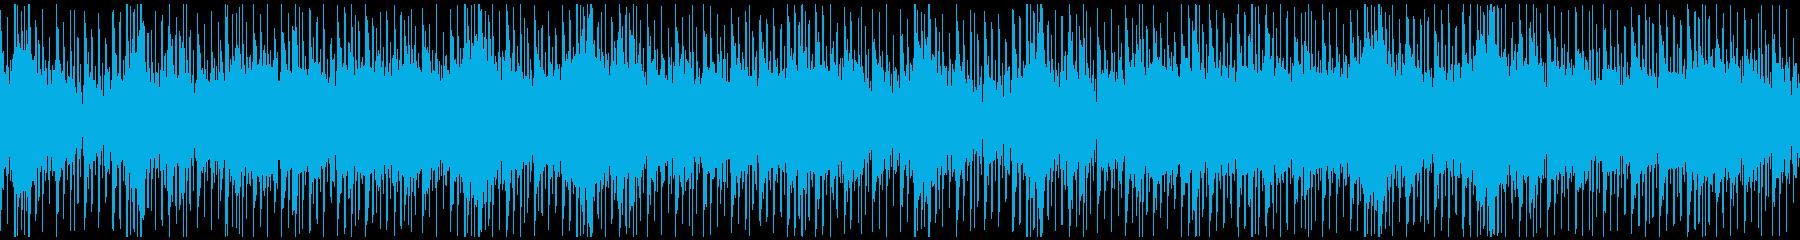 ループ、夜、大人、アーバン、チルアウトの再生済みの波形